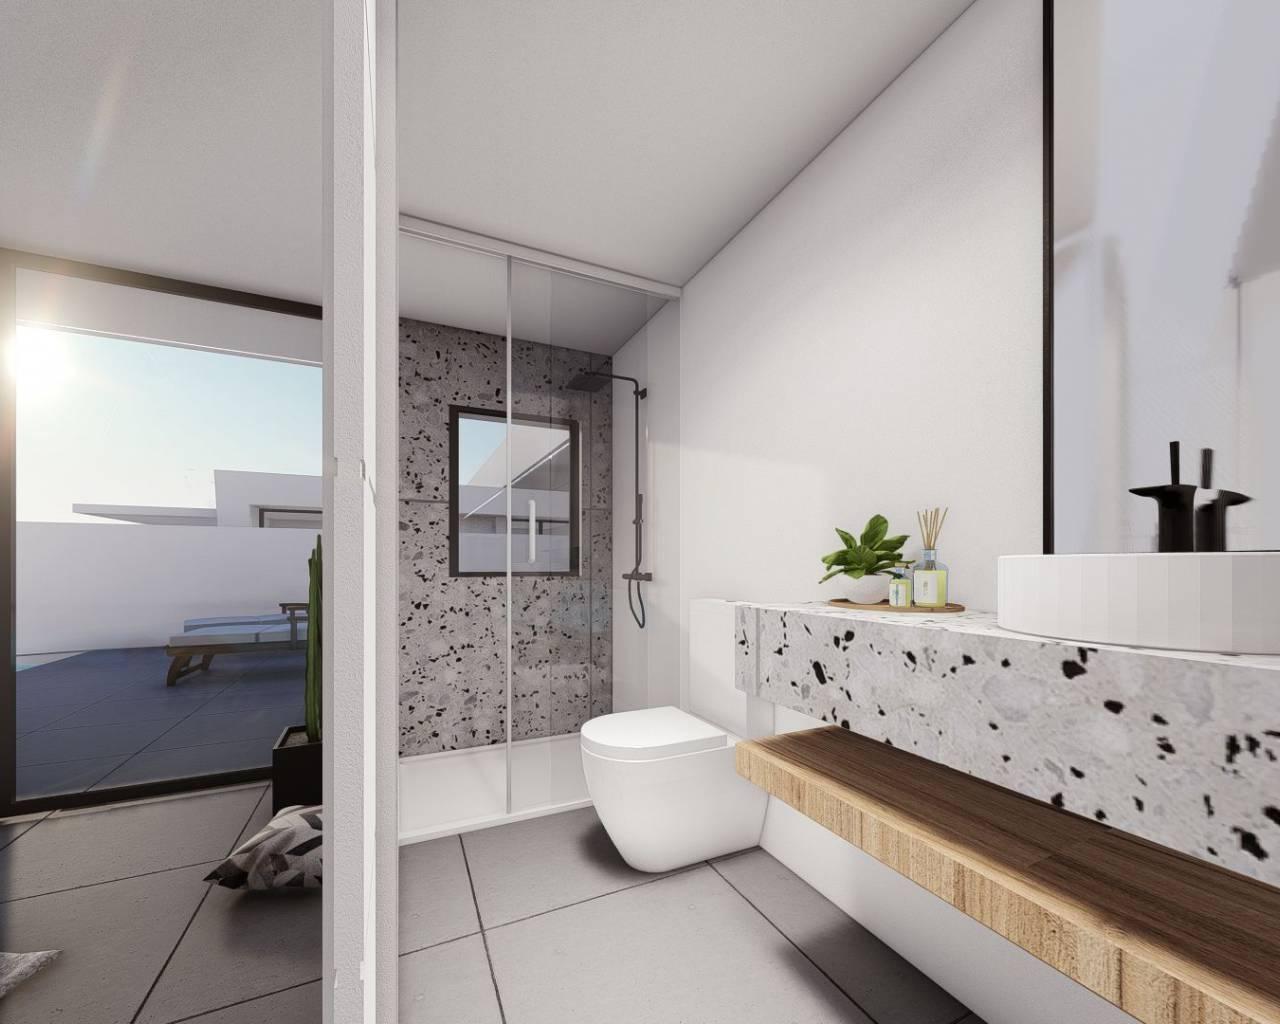 nieuwbouw-half-vrijstaande-villa-roldan_5736_xl